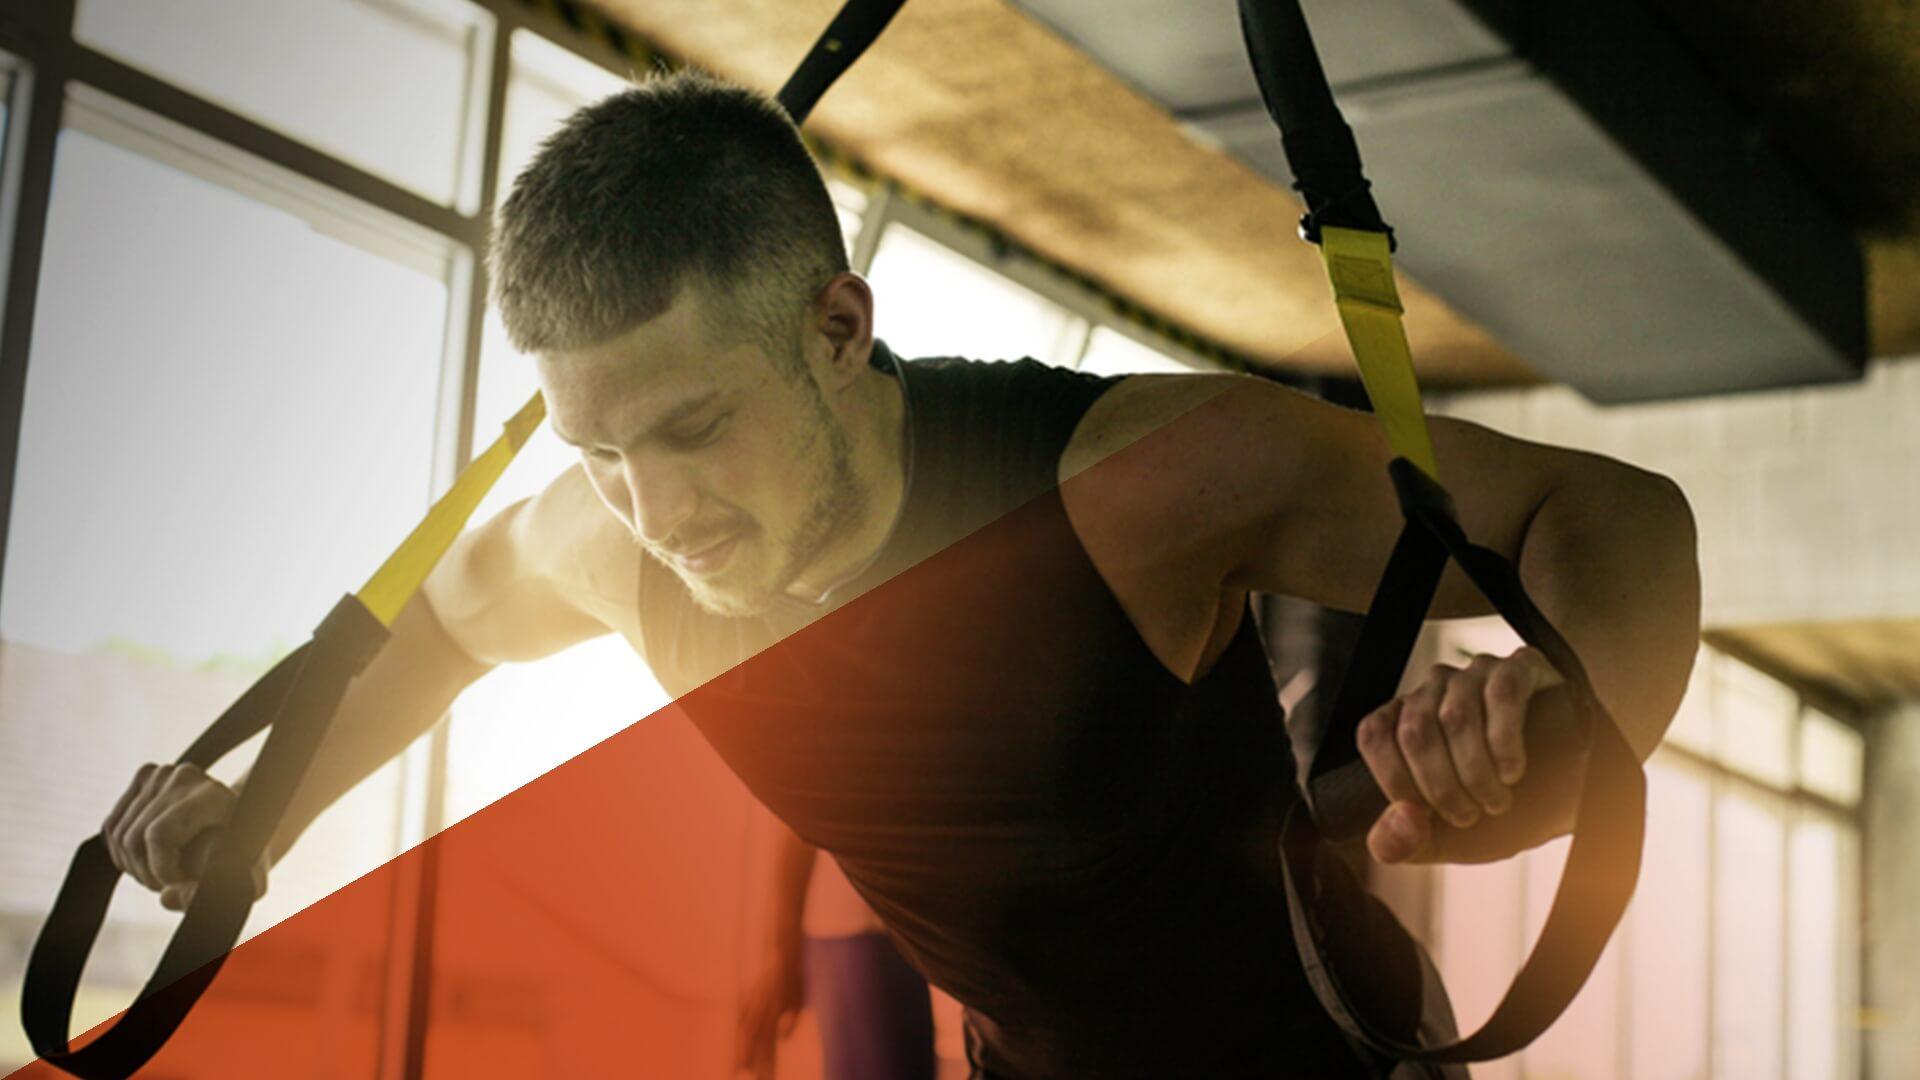 Ein junger Mann trainiert mit TRX-Schlaufen im Fitnessstudio.